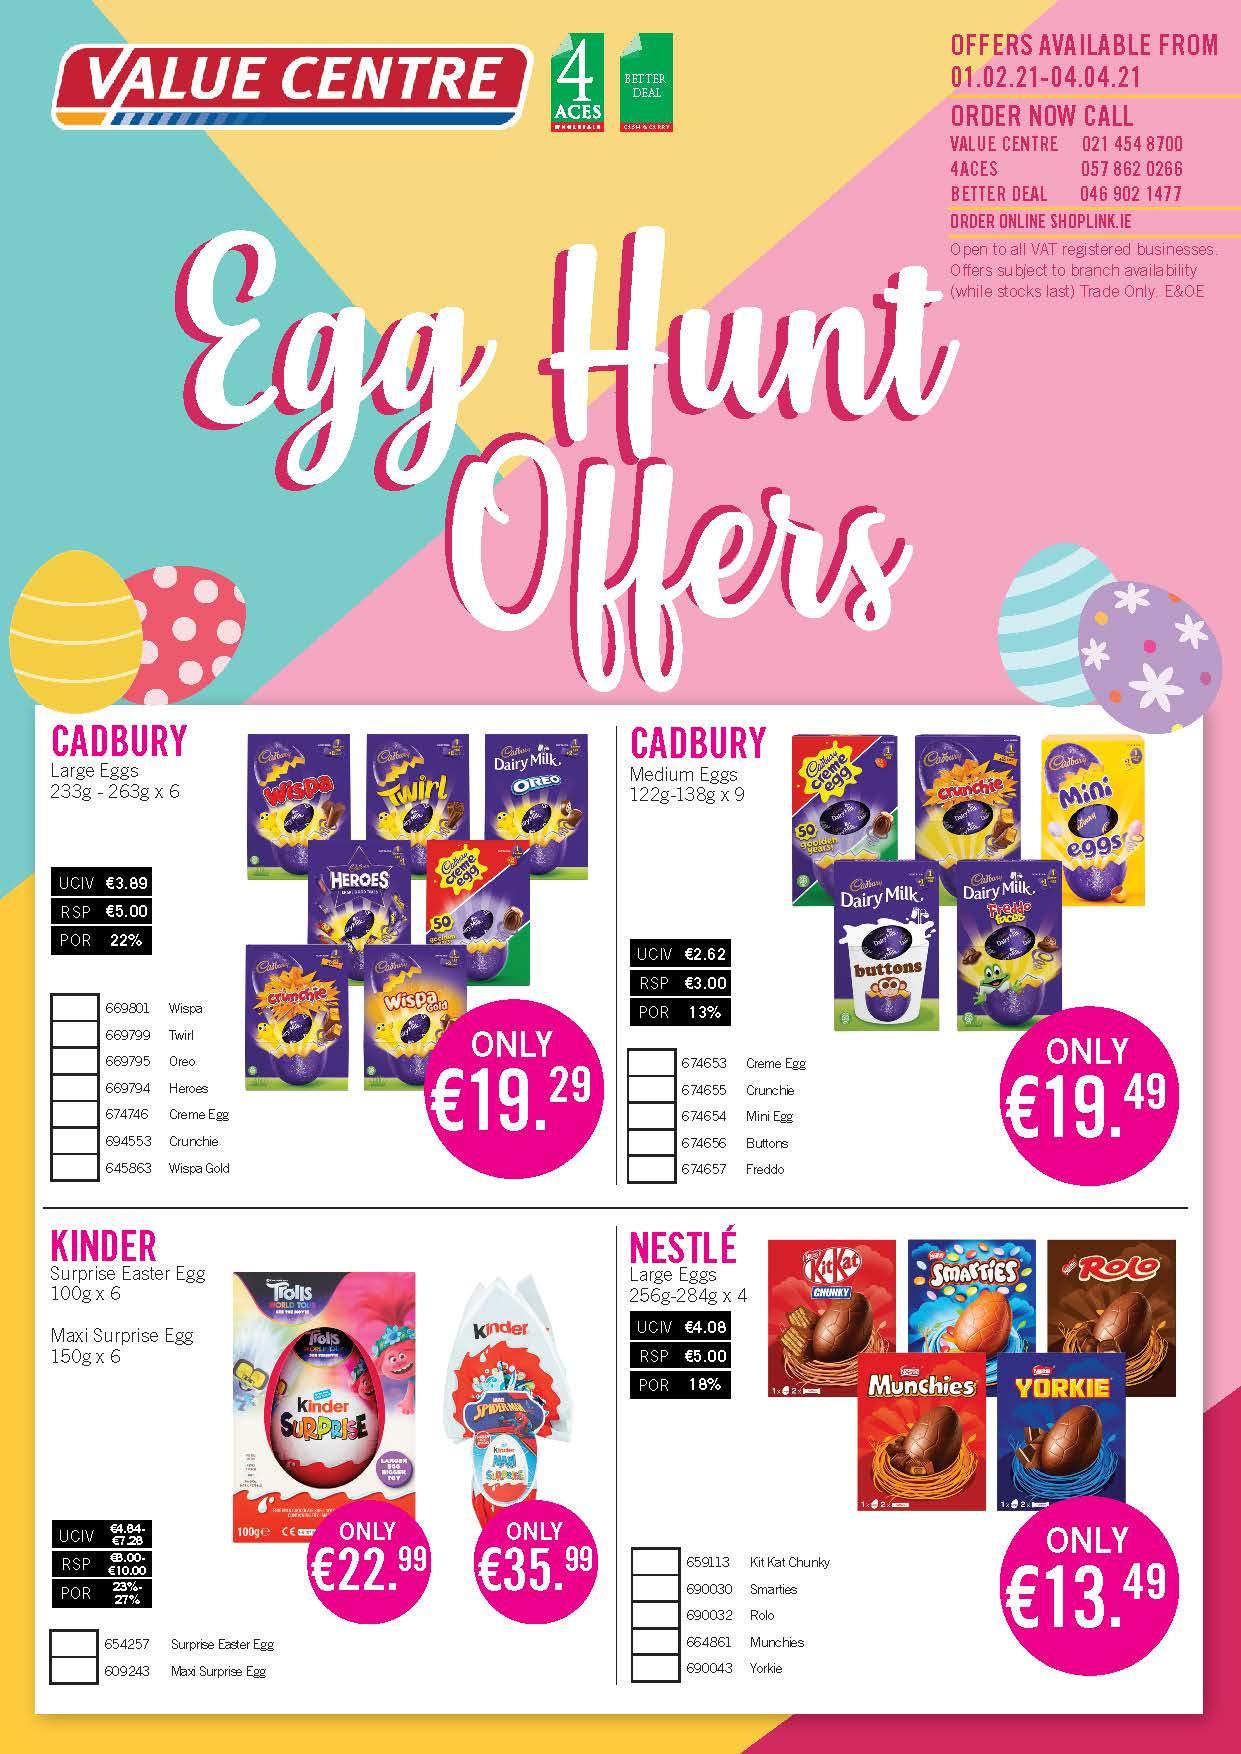 Easter Egg Offers